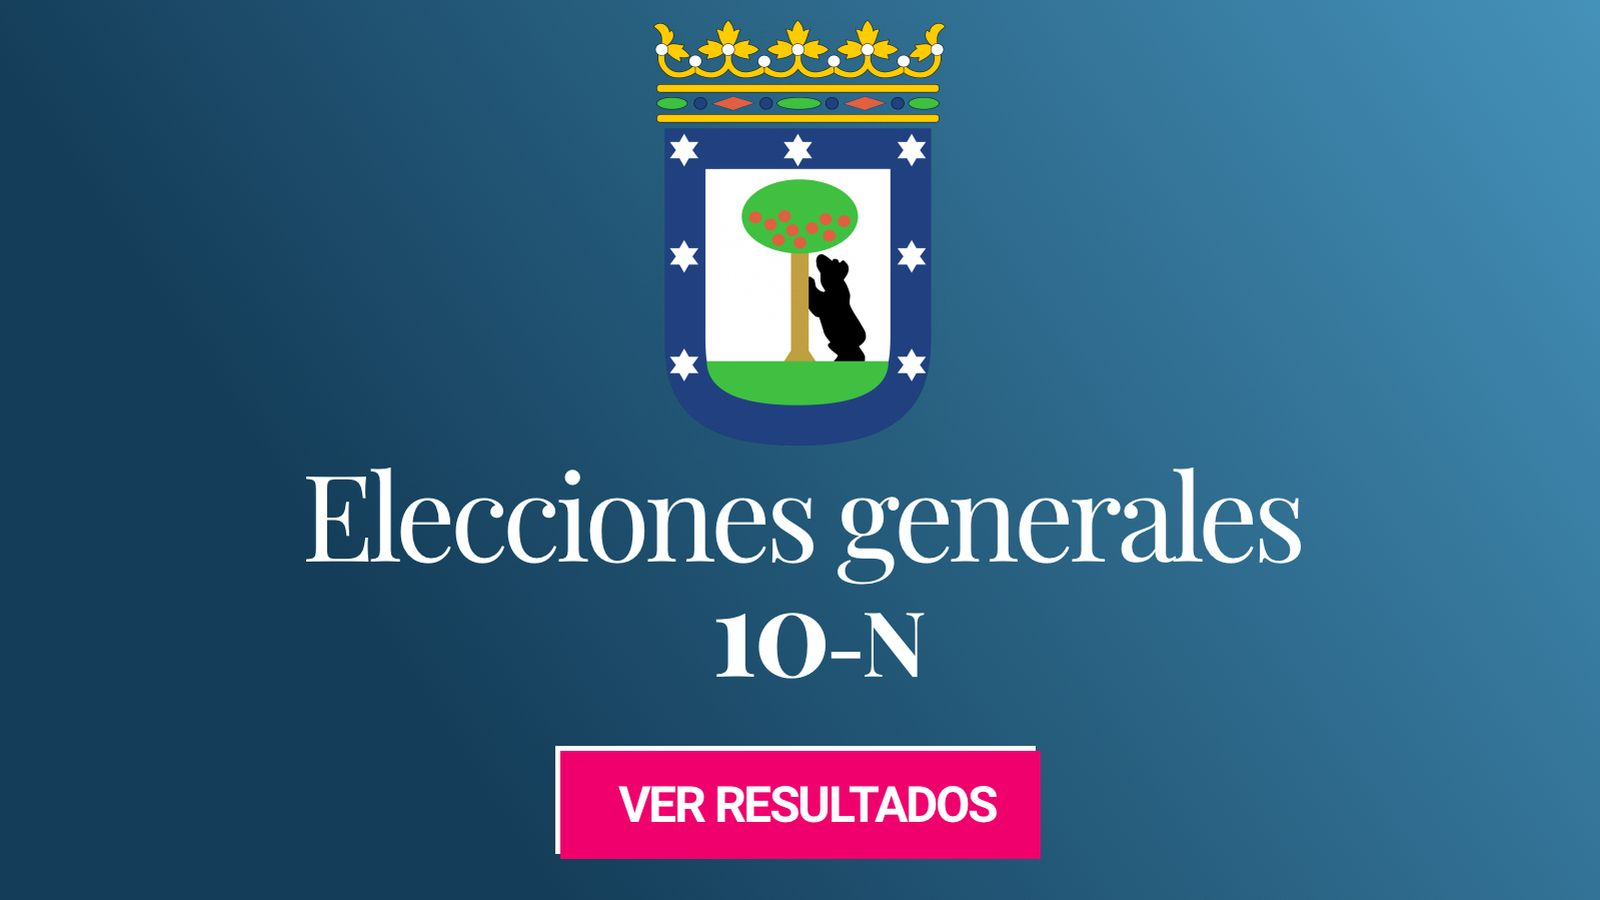 Foto: Elecciones generales 2019 en Madrid. (C.C./EC)